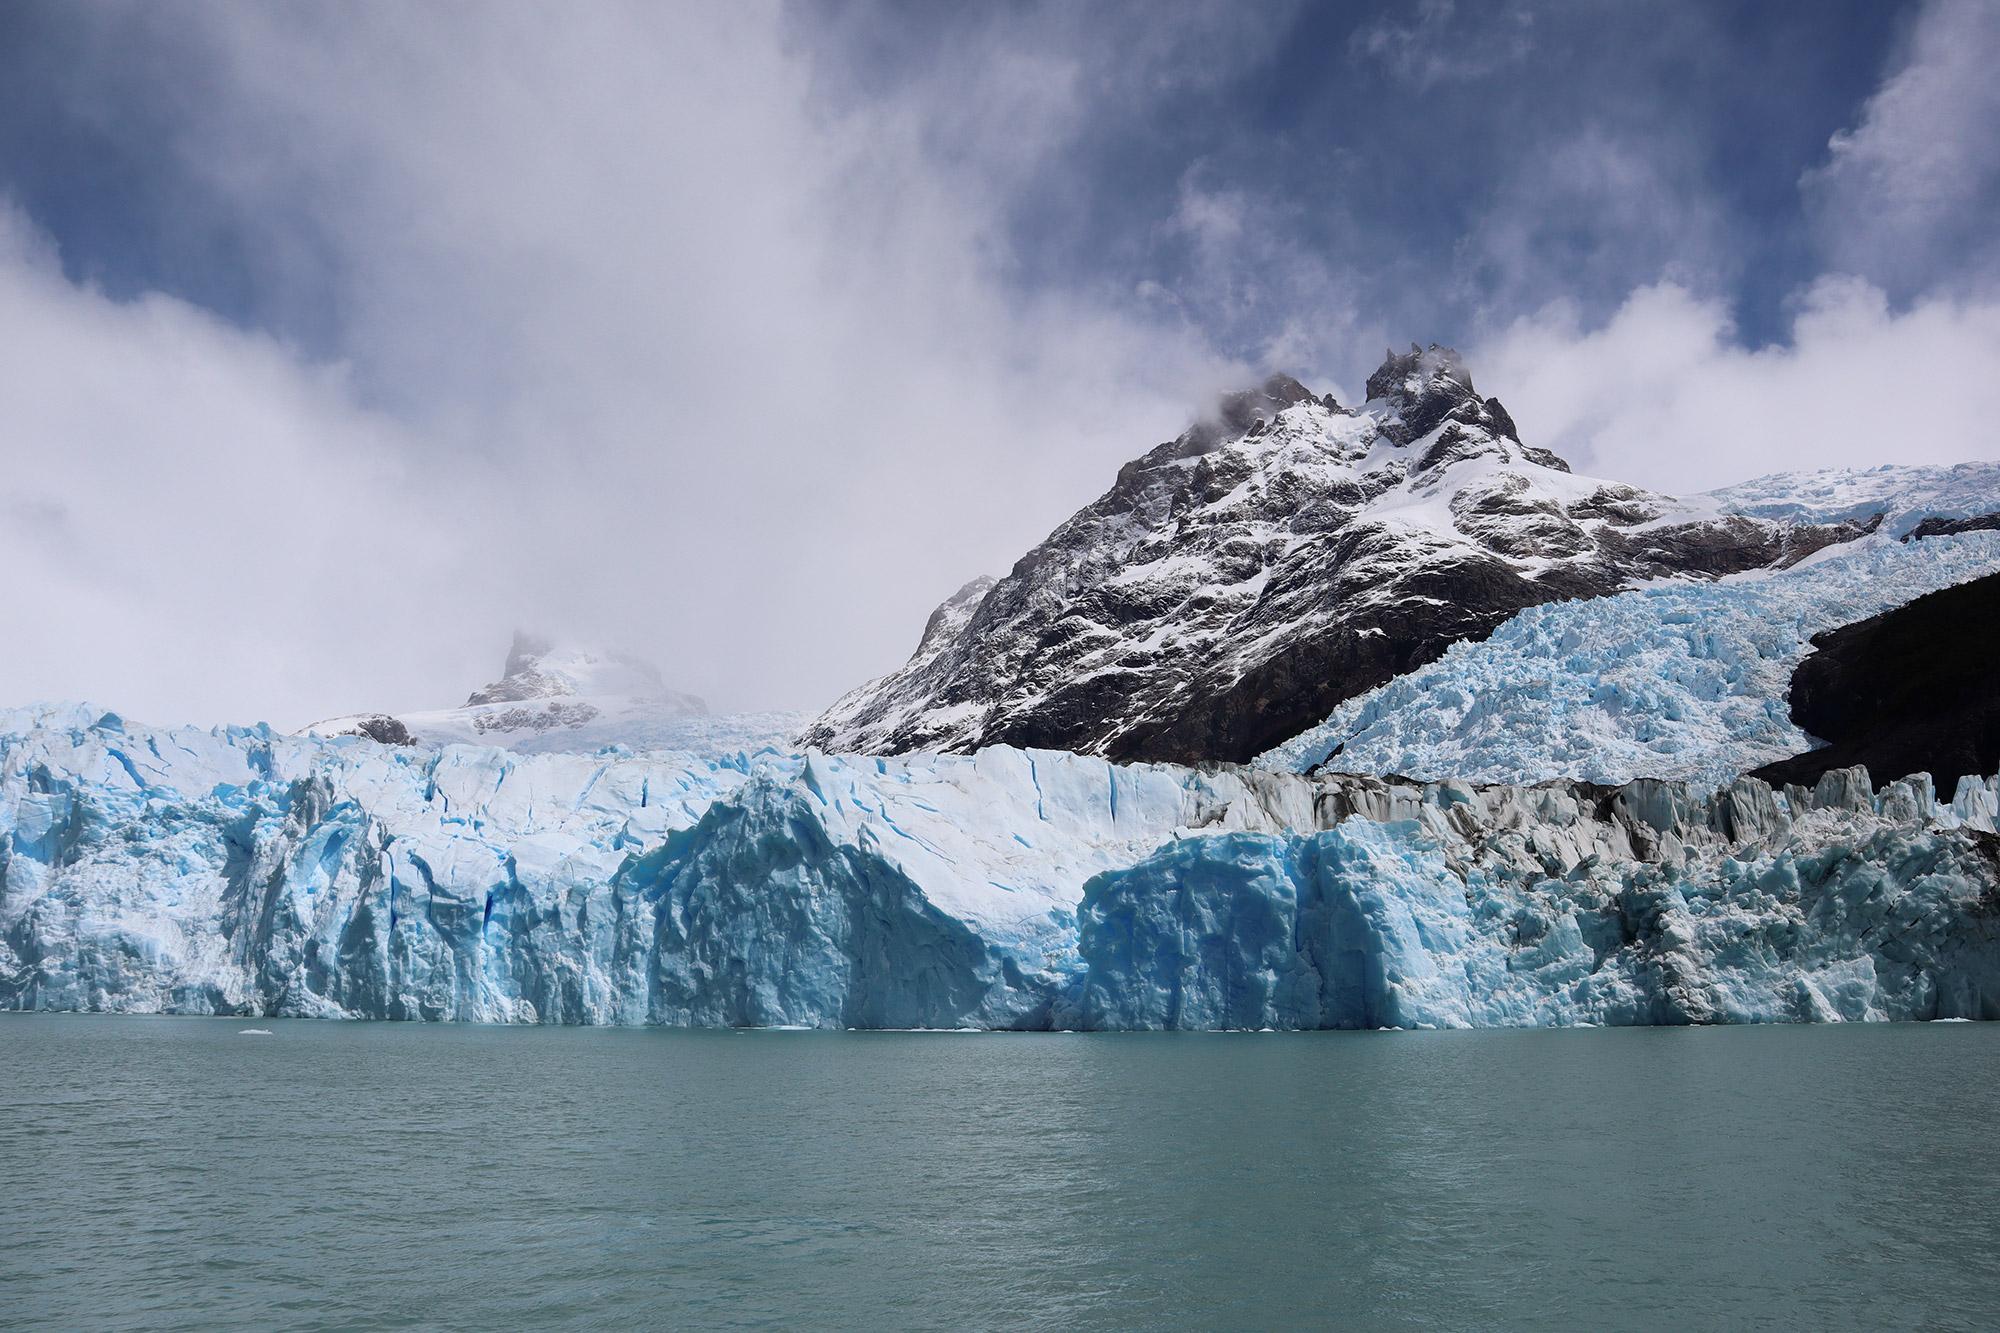 Blue Monday - Parque Nacional los Glaciares in Argentinië